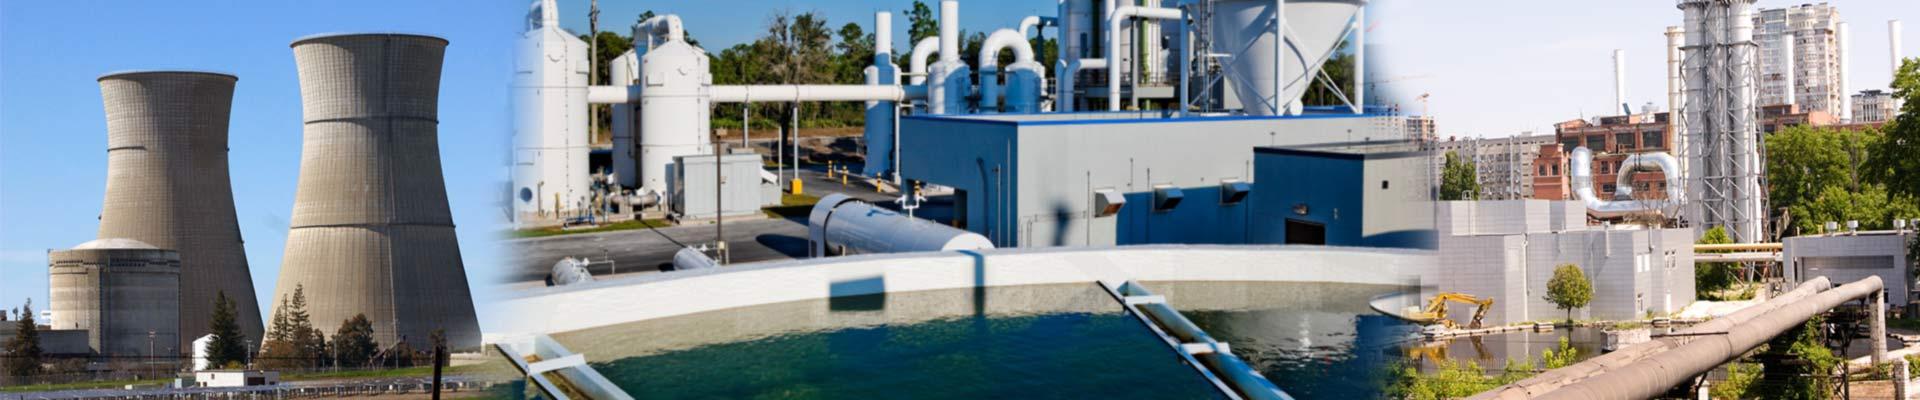 Analisis-y-soluciones-ambientales-analisis-de-agua-en-mexico-df